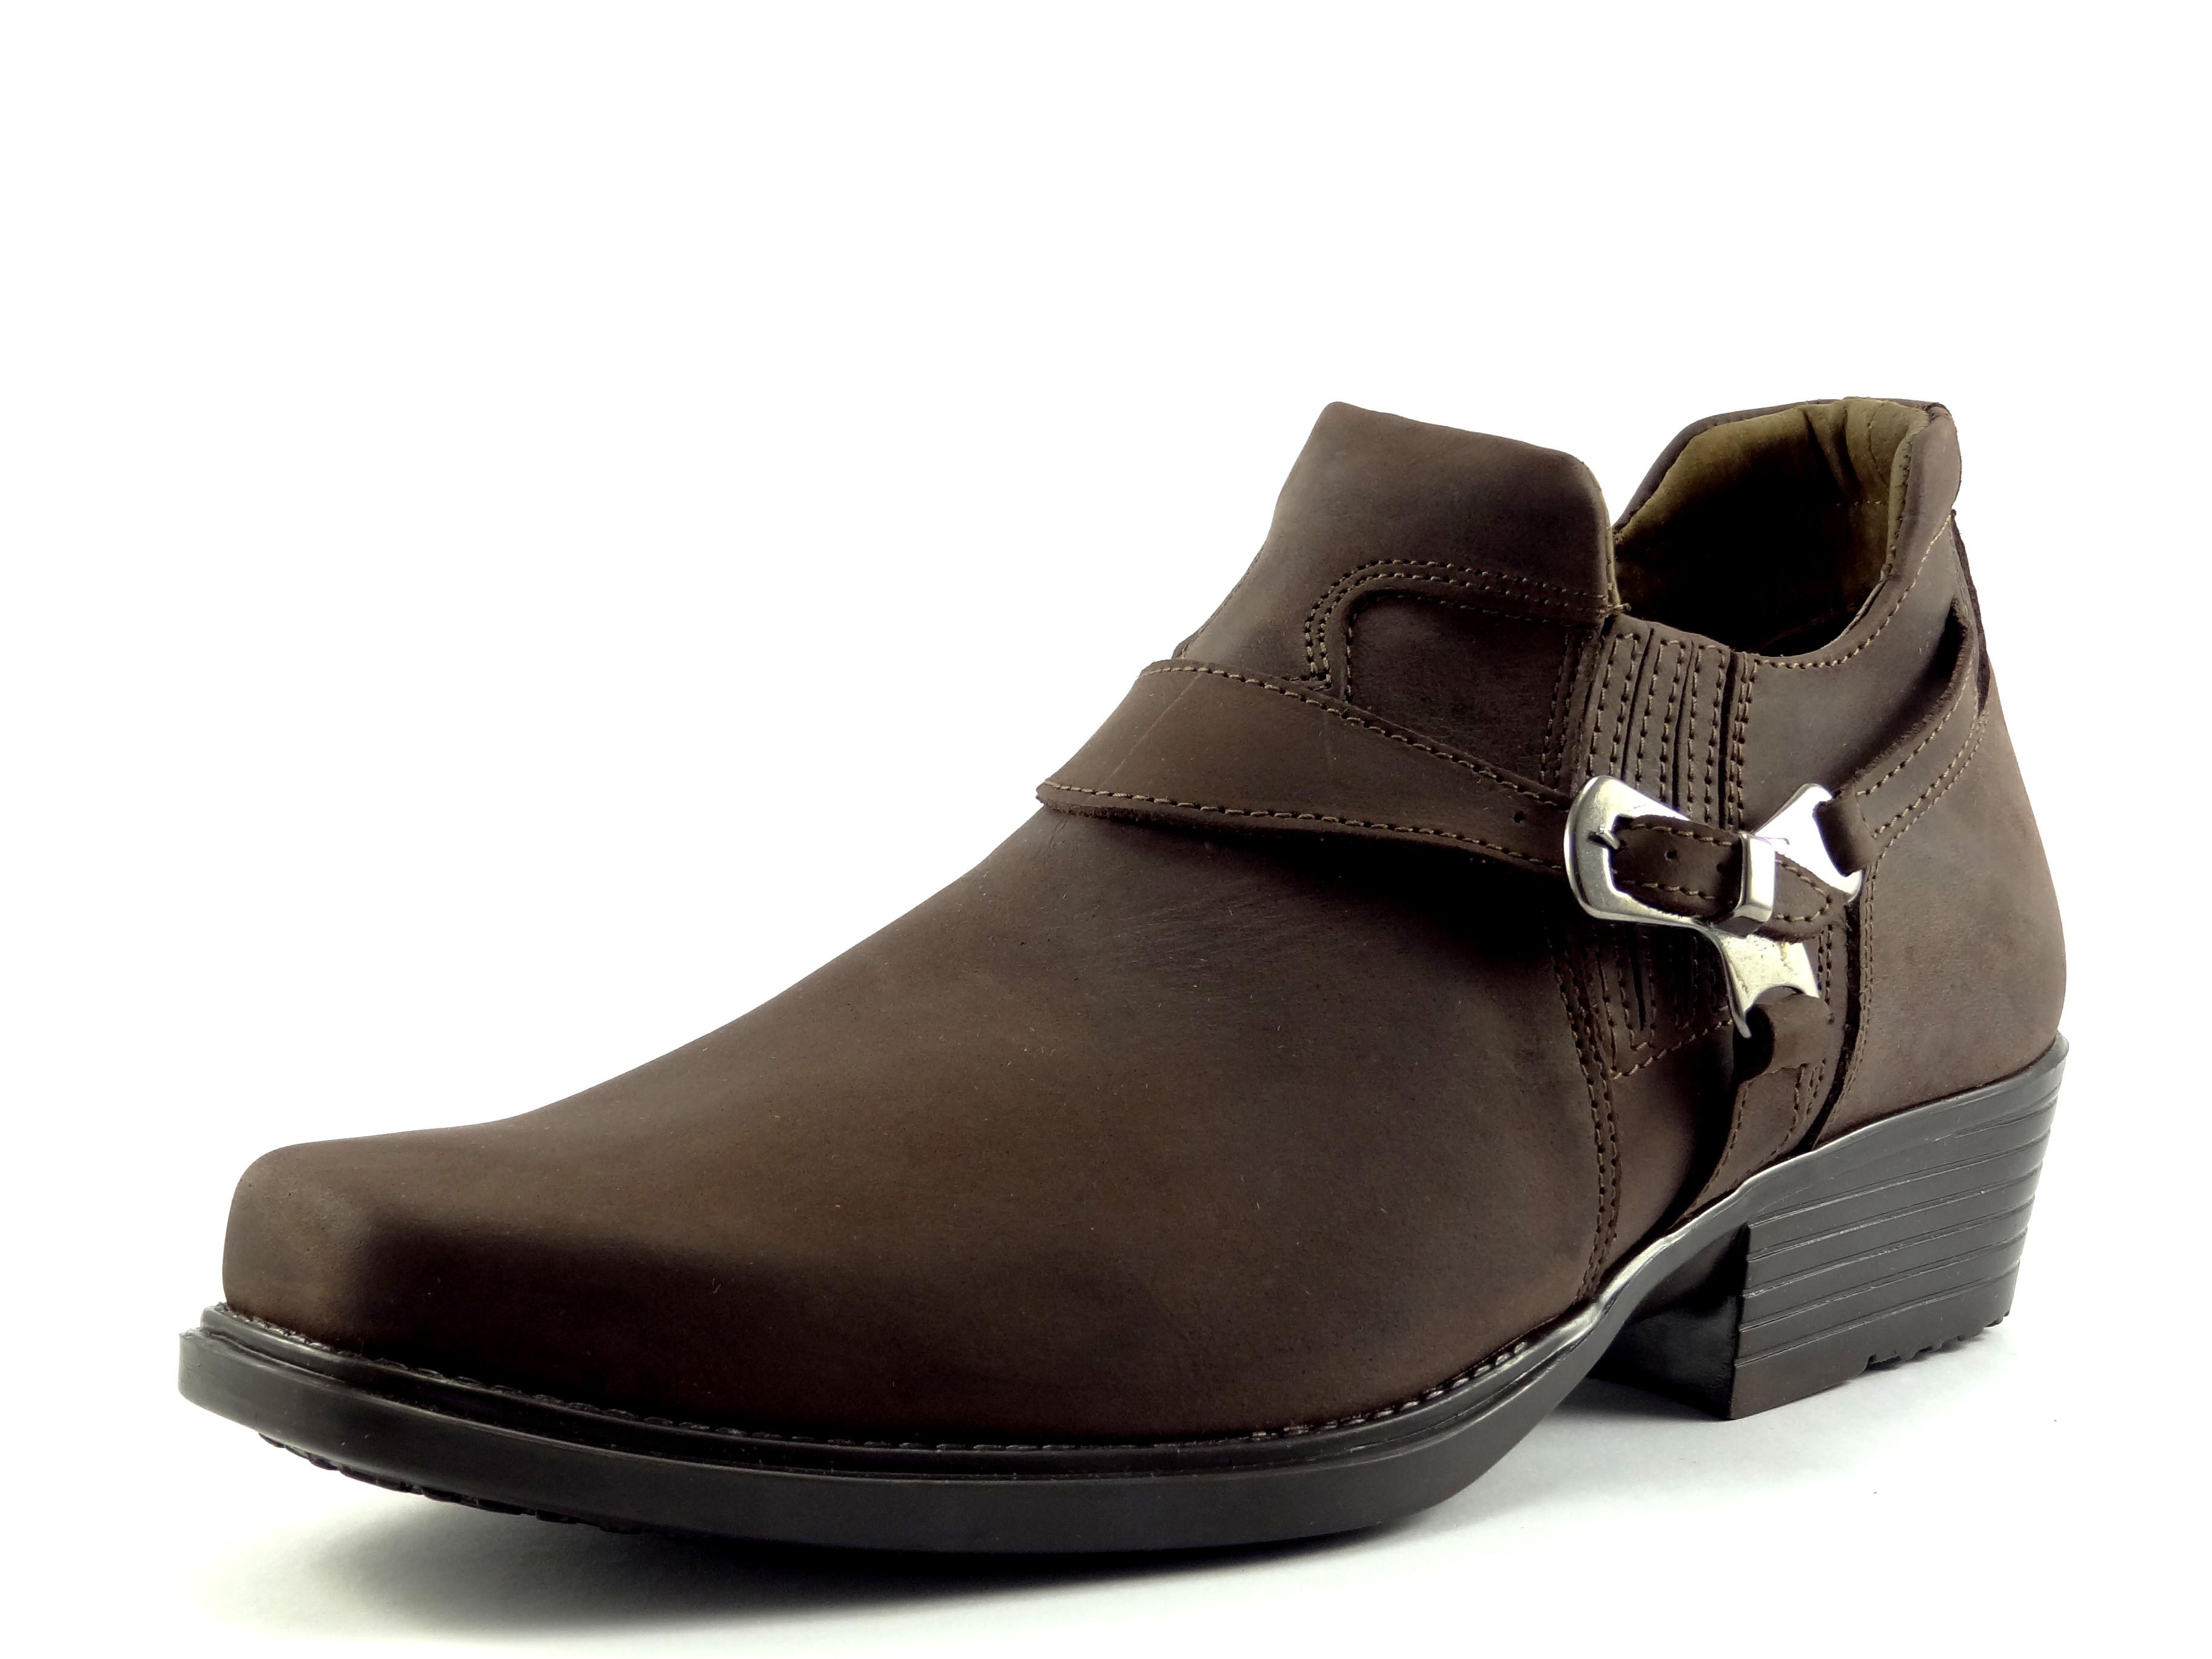 Selma westernové boty na motorku na koně nízká 1026 crazy horse brown 20fee9ec66